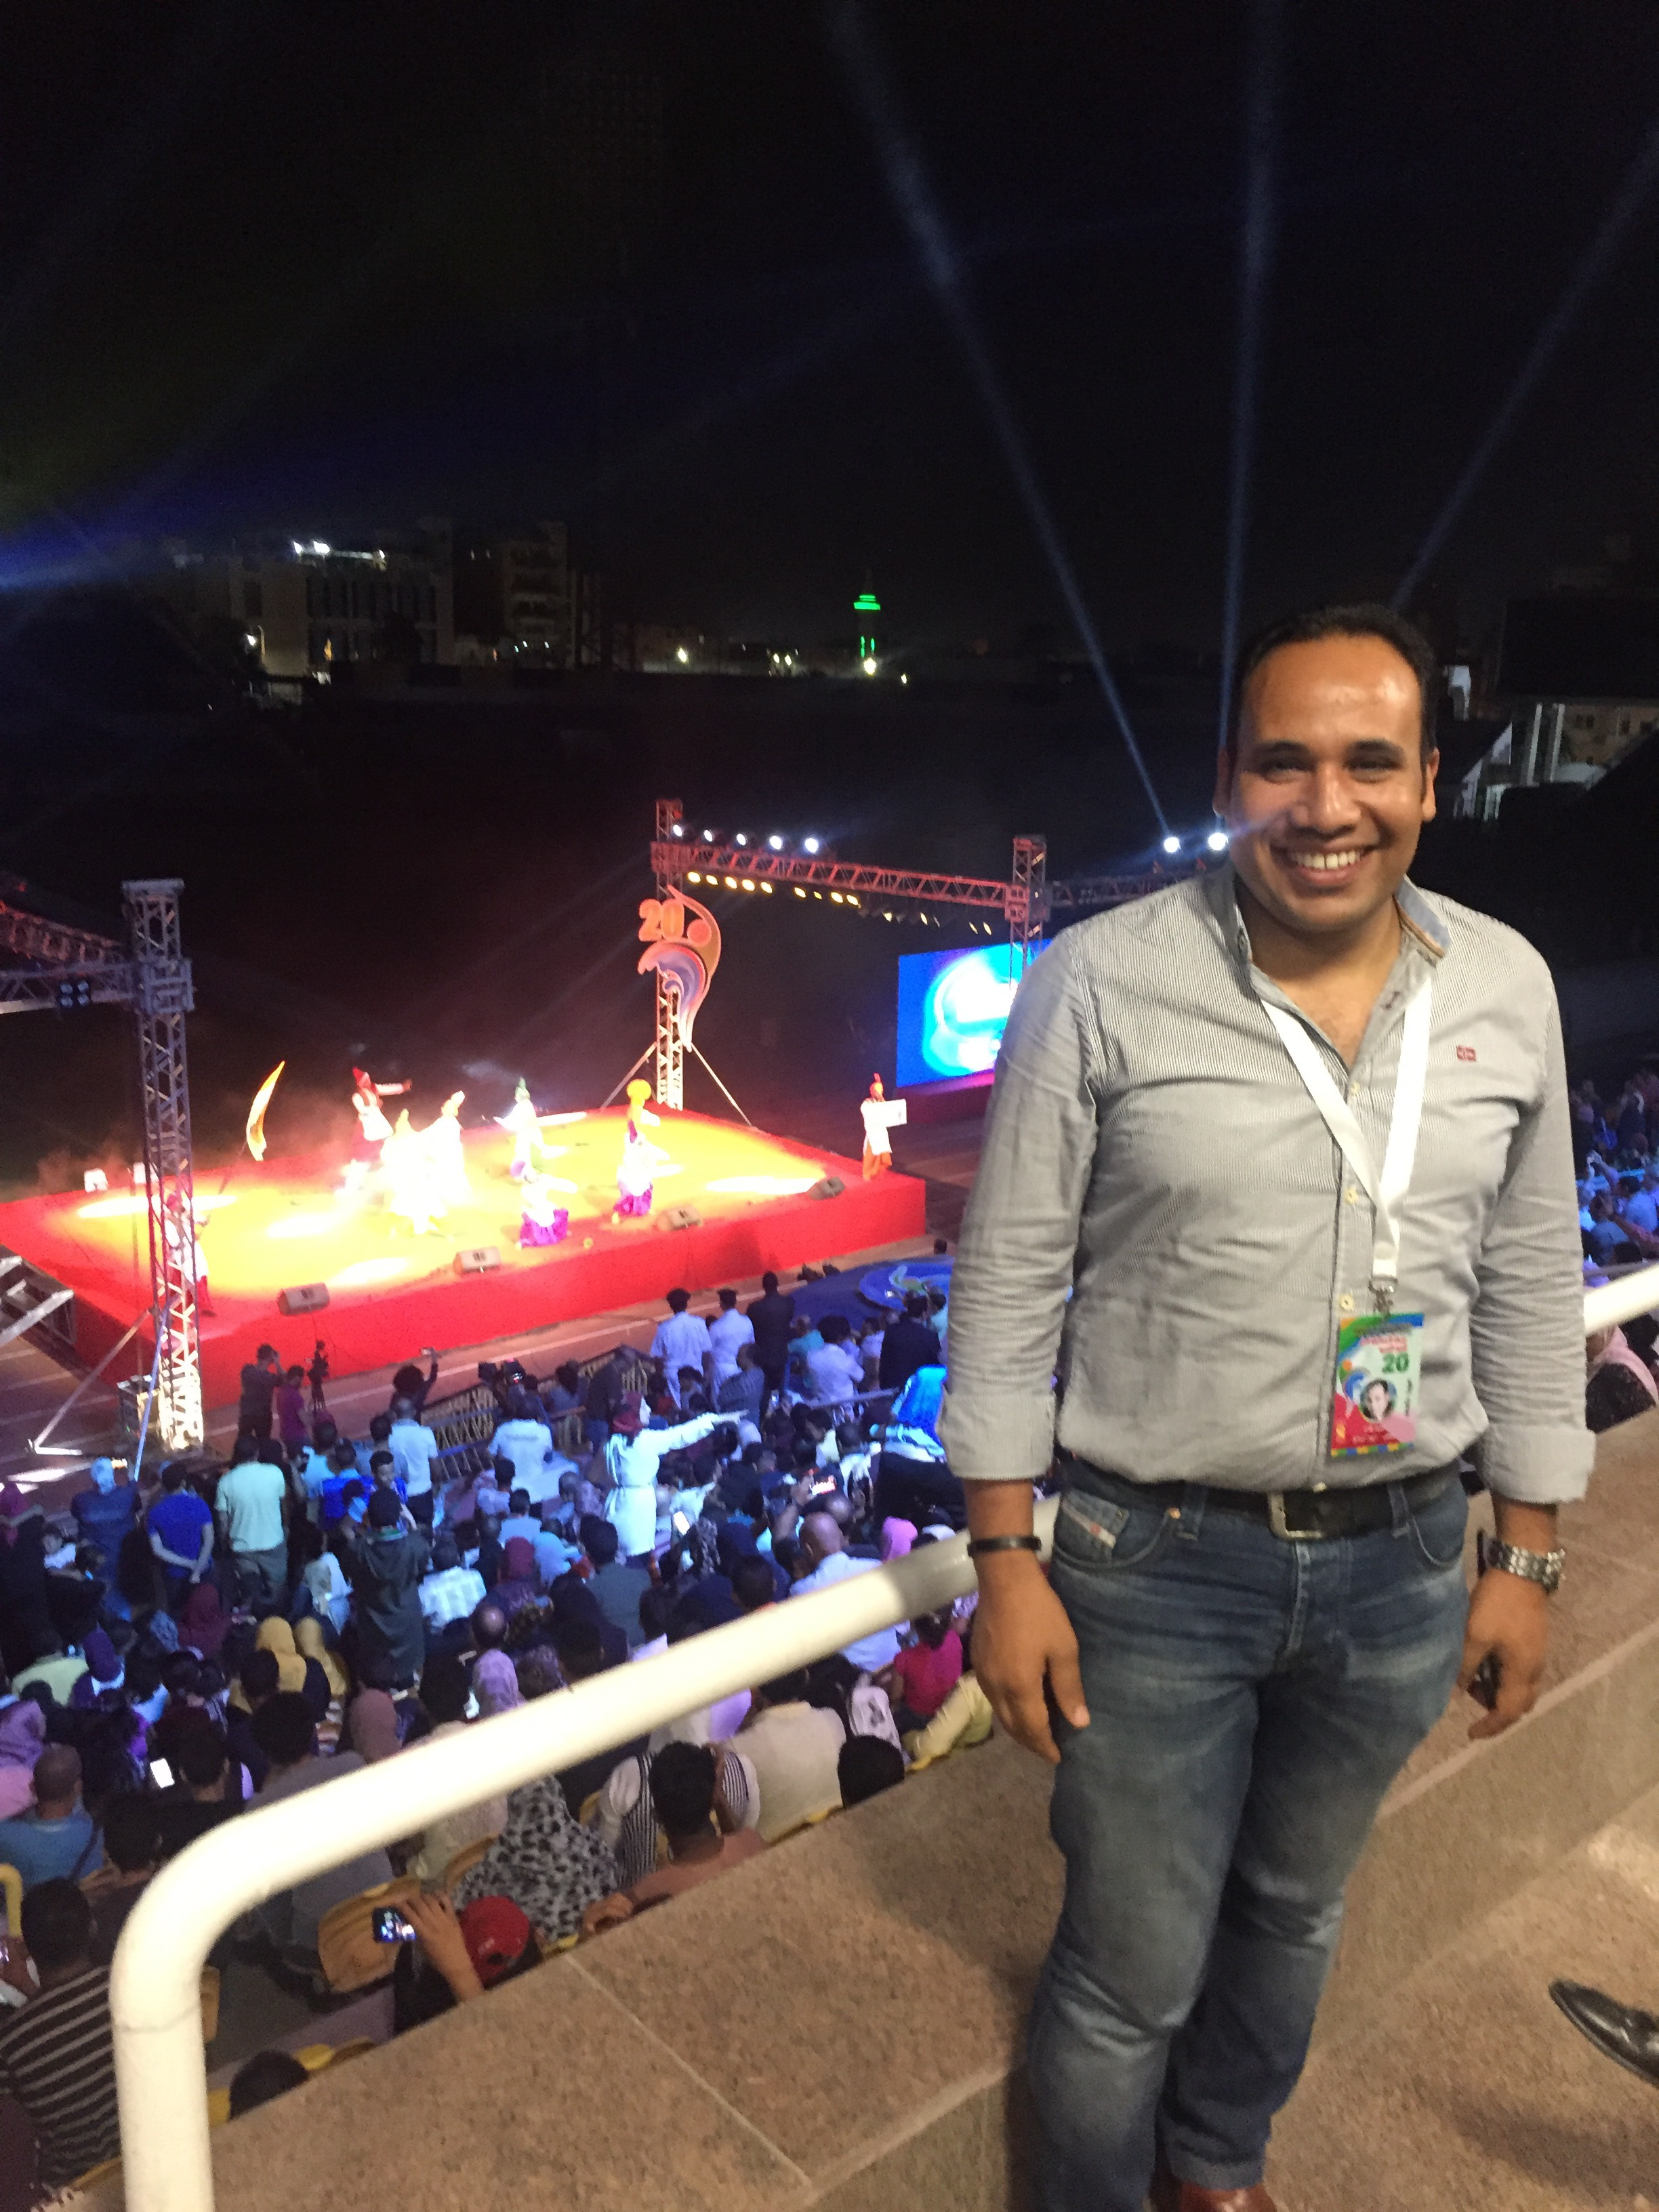 مهرجان الإسماعيلية الدولى العشرين للفنون الشعبية (11)